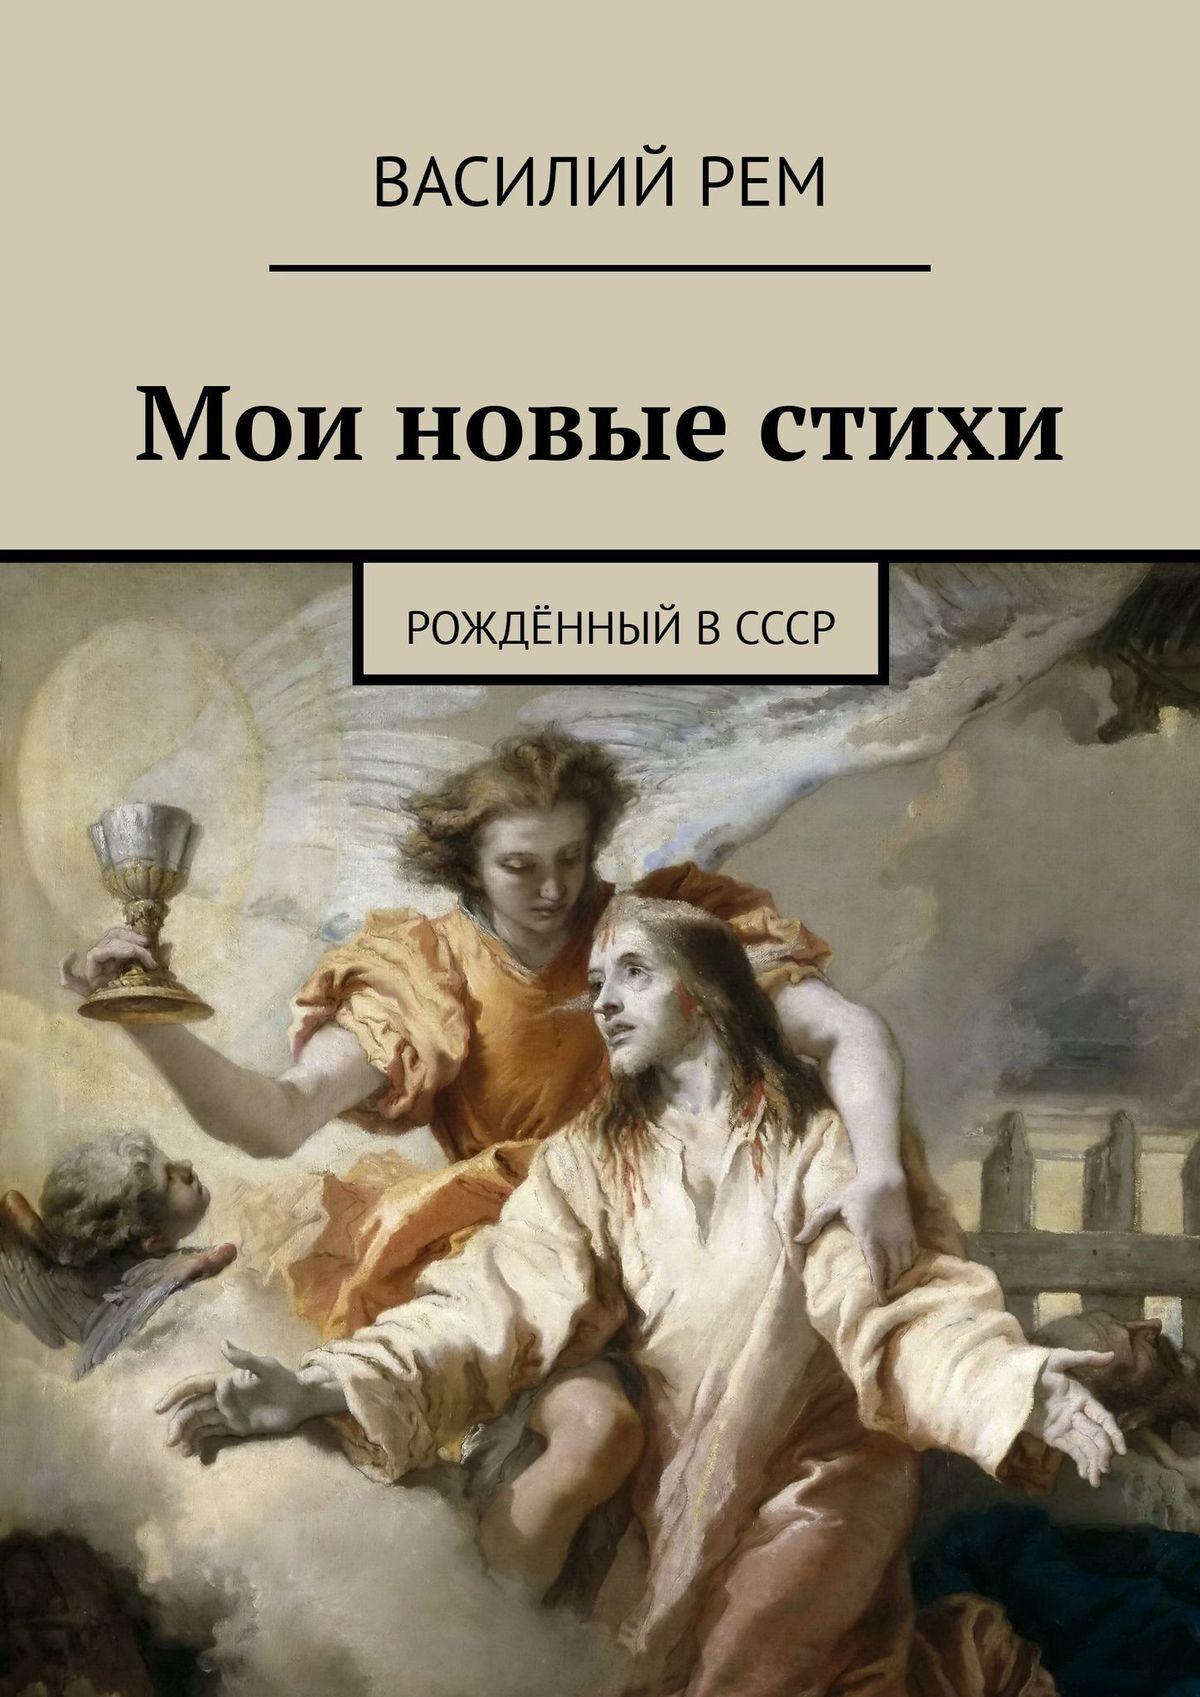 Василий Рем Мои новые стихи. Рожденный вСССР василий рем стихи длявсех рожденный вссср